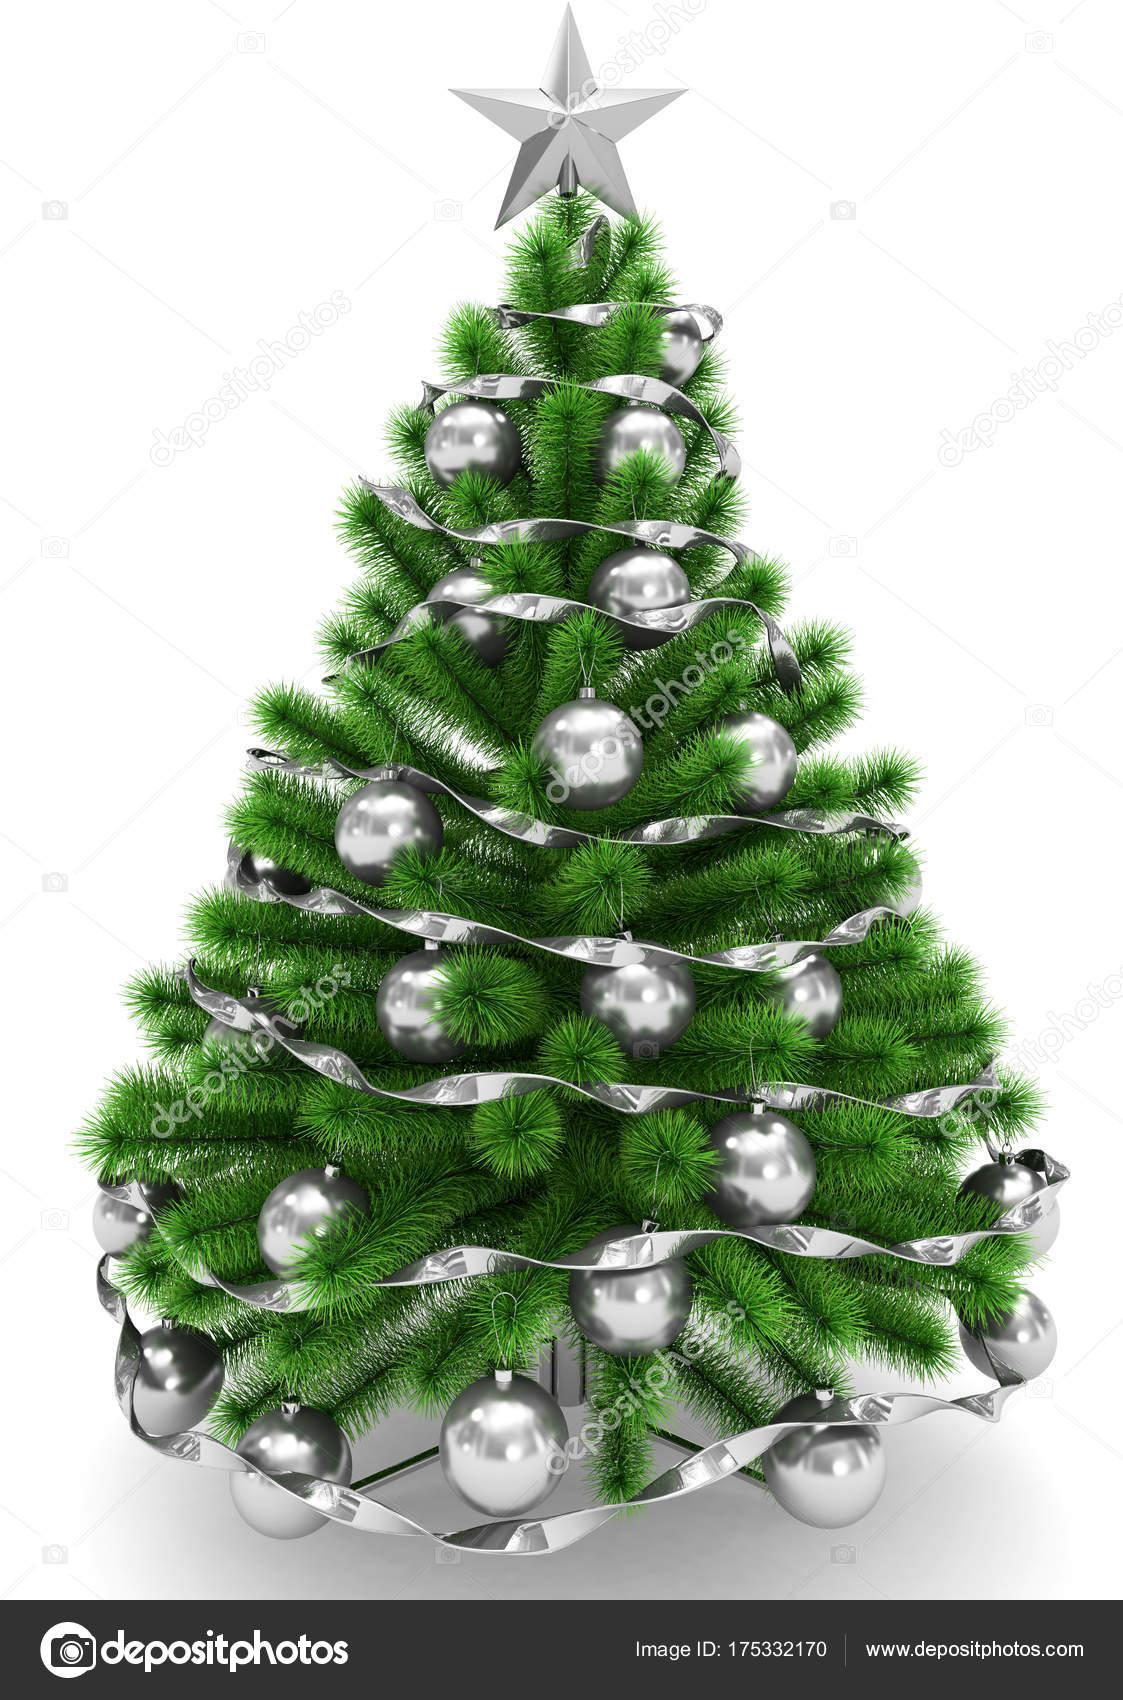 weihnachtsbaum geschm ckt mit silbernen weihnachtskugeln. Black Bedroom Furniture Sets. Home Design Ideas